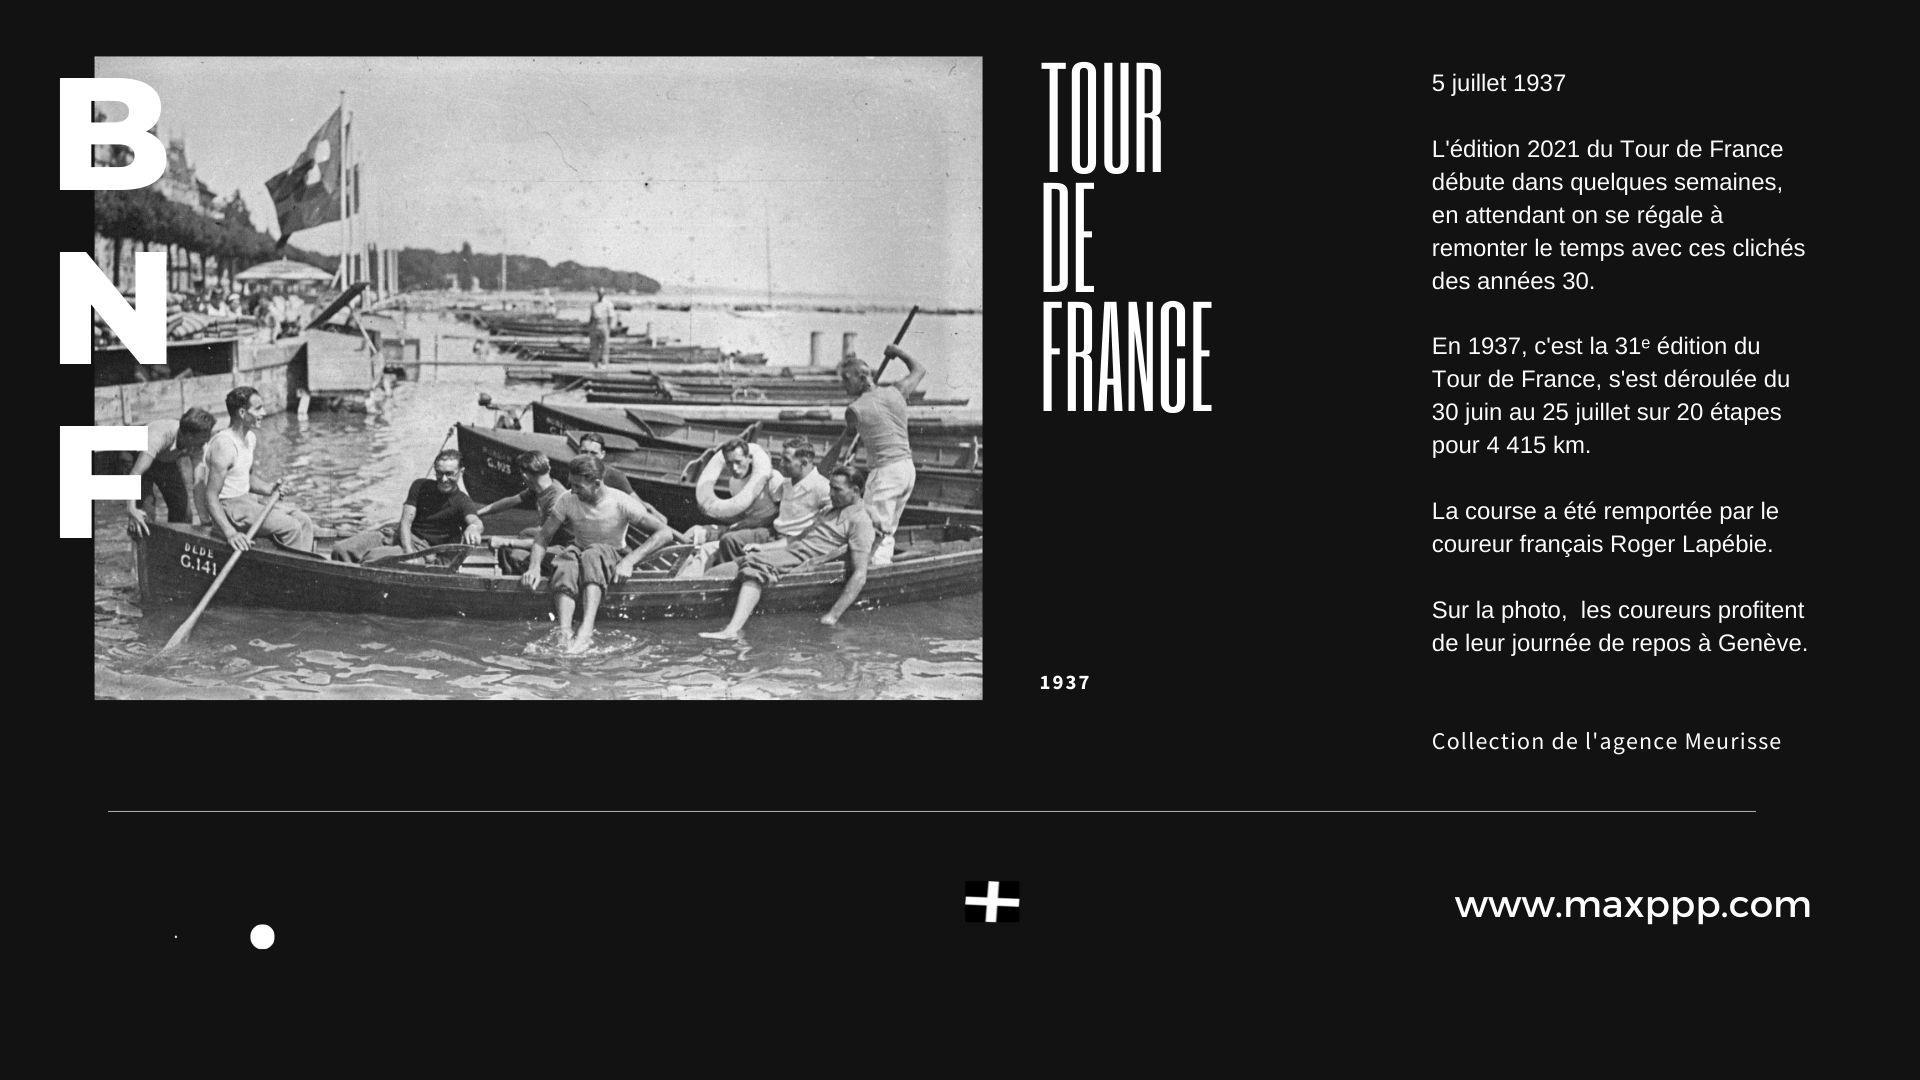 Tour de France - 1937